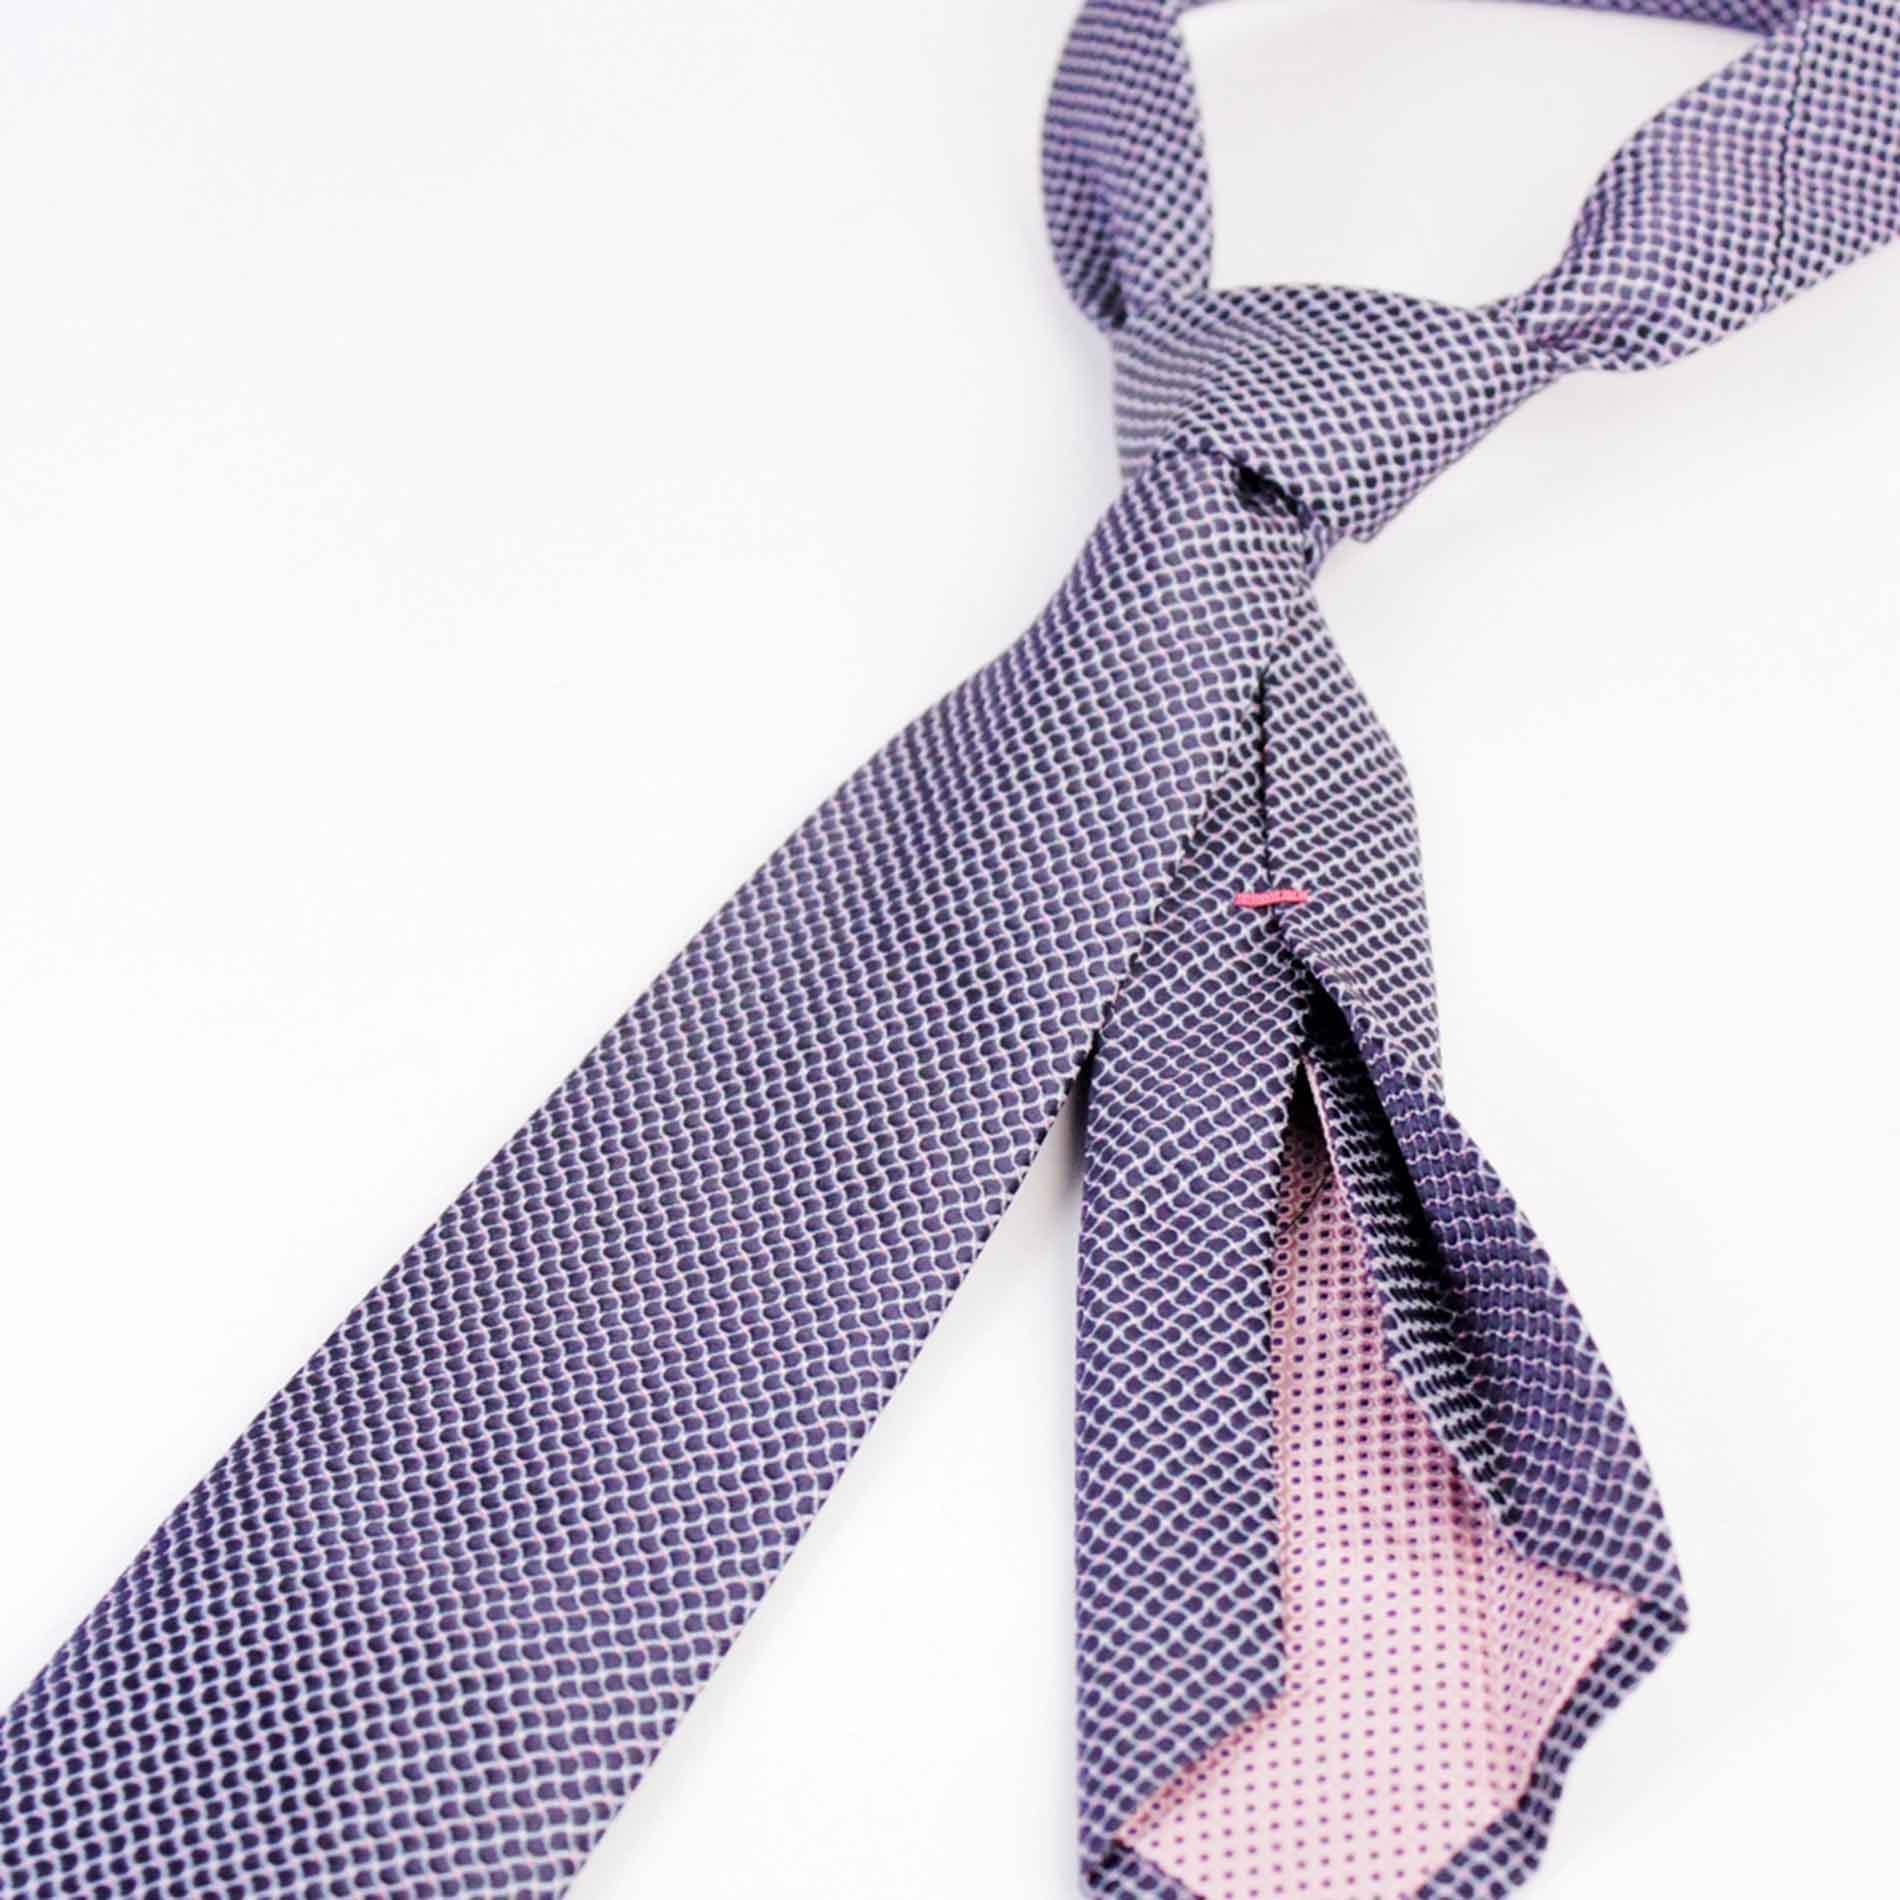 cravattificio-alba-cravatta-6-pieghe